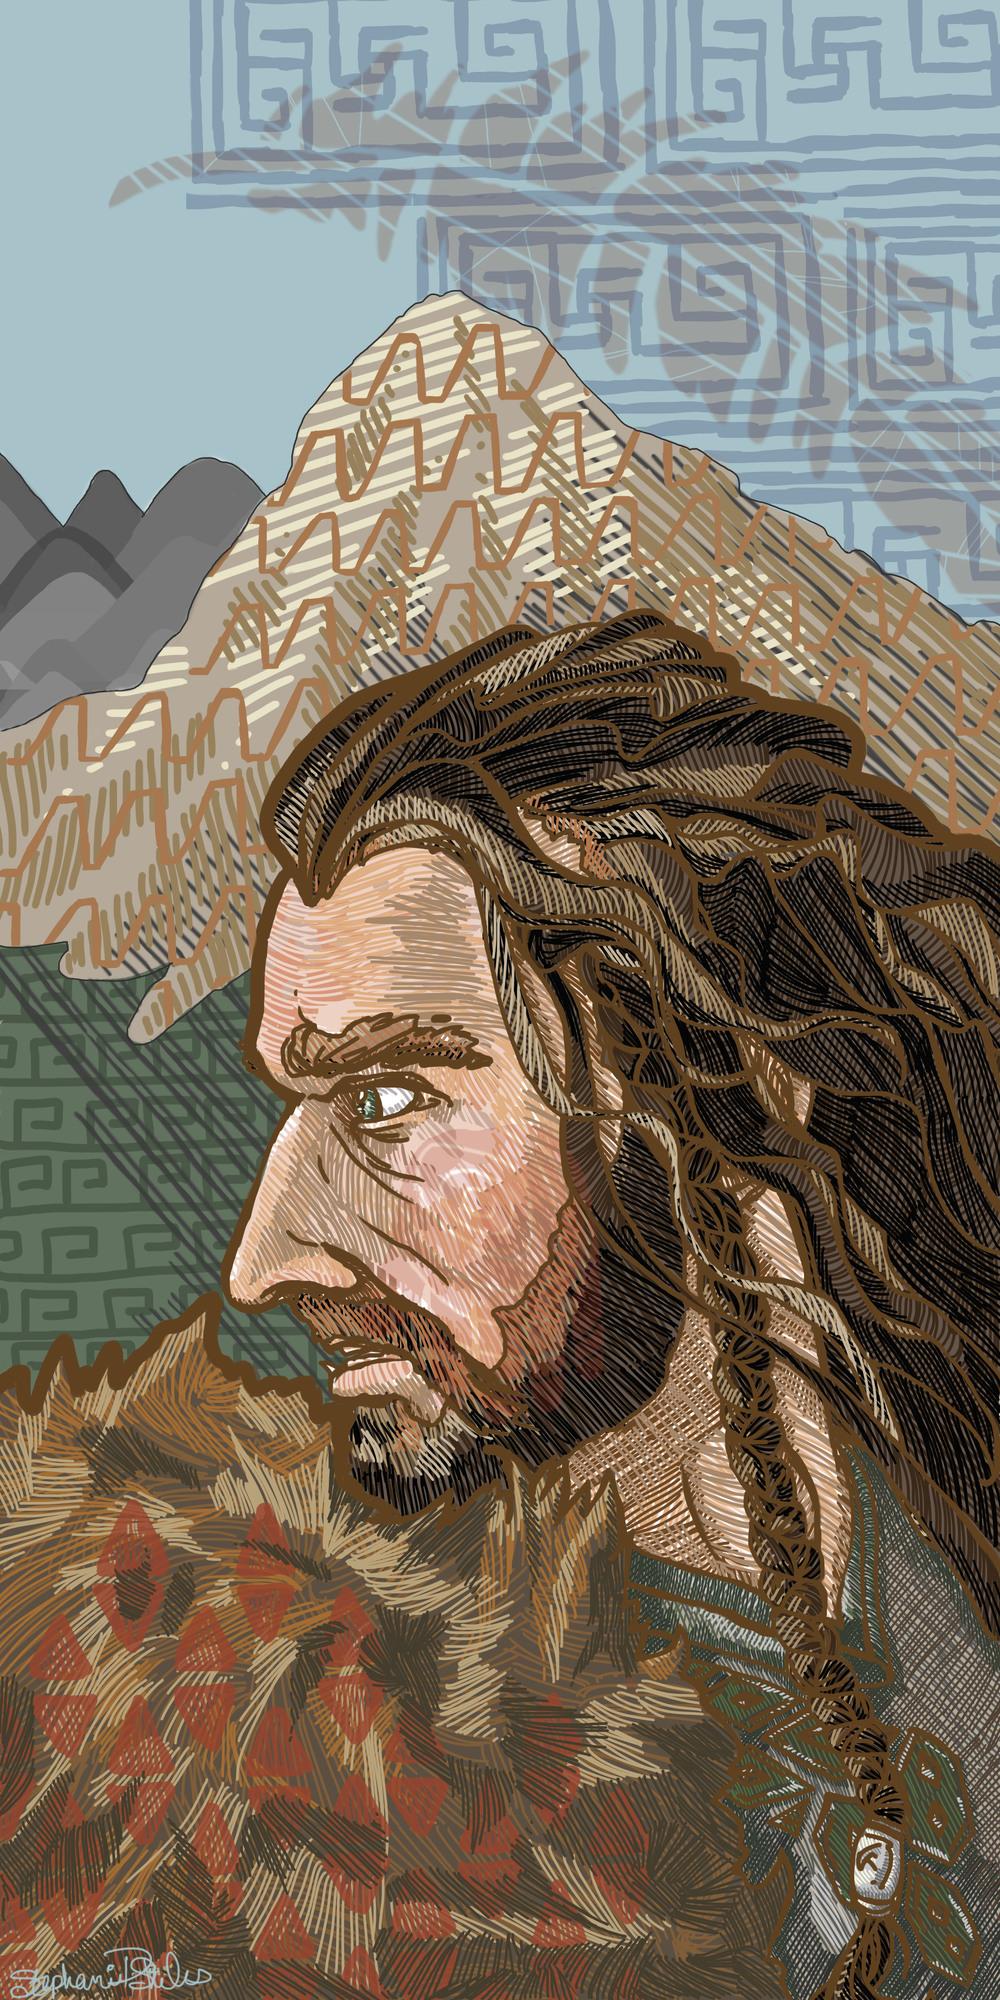 Misty Mountain Digital Illustration